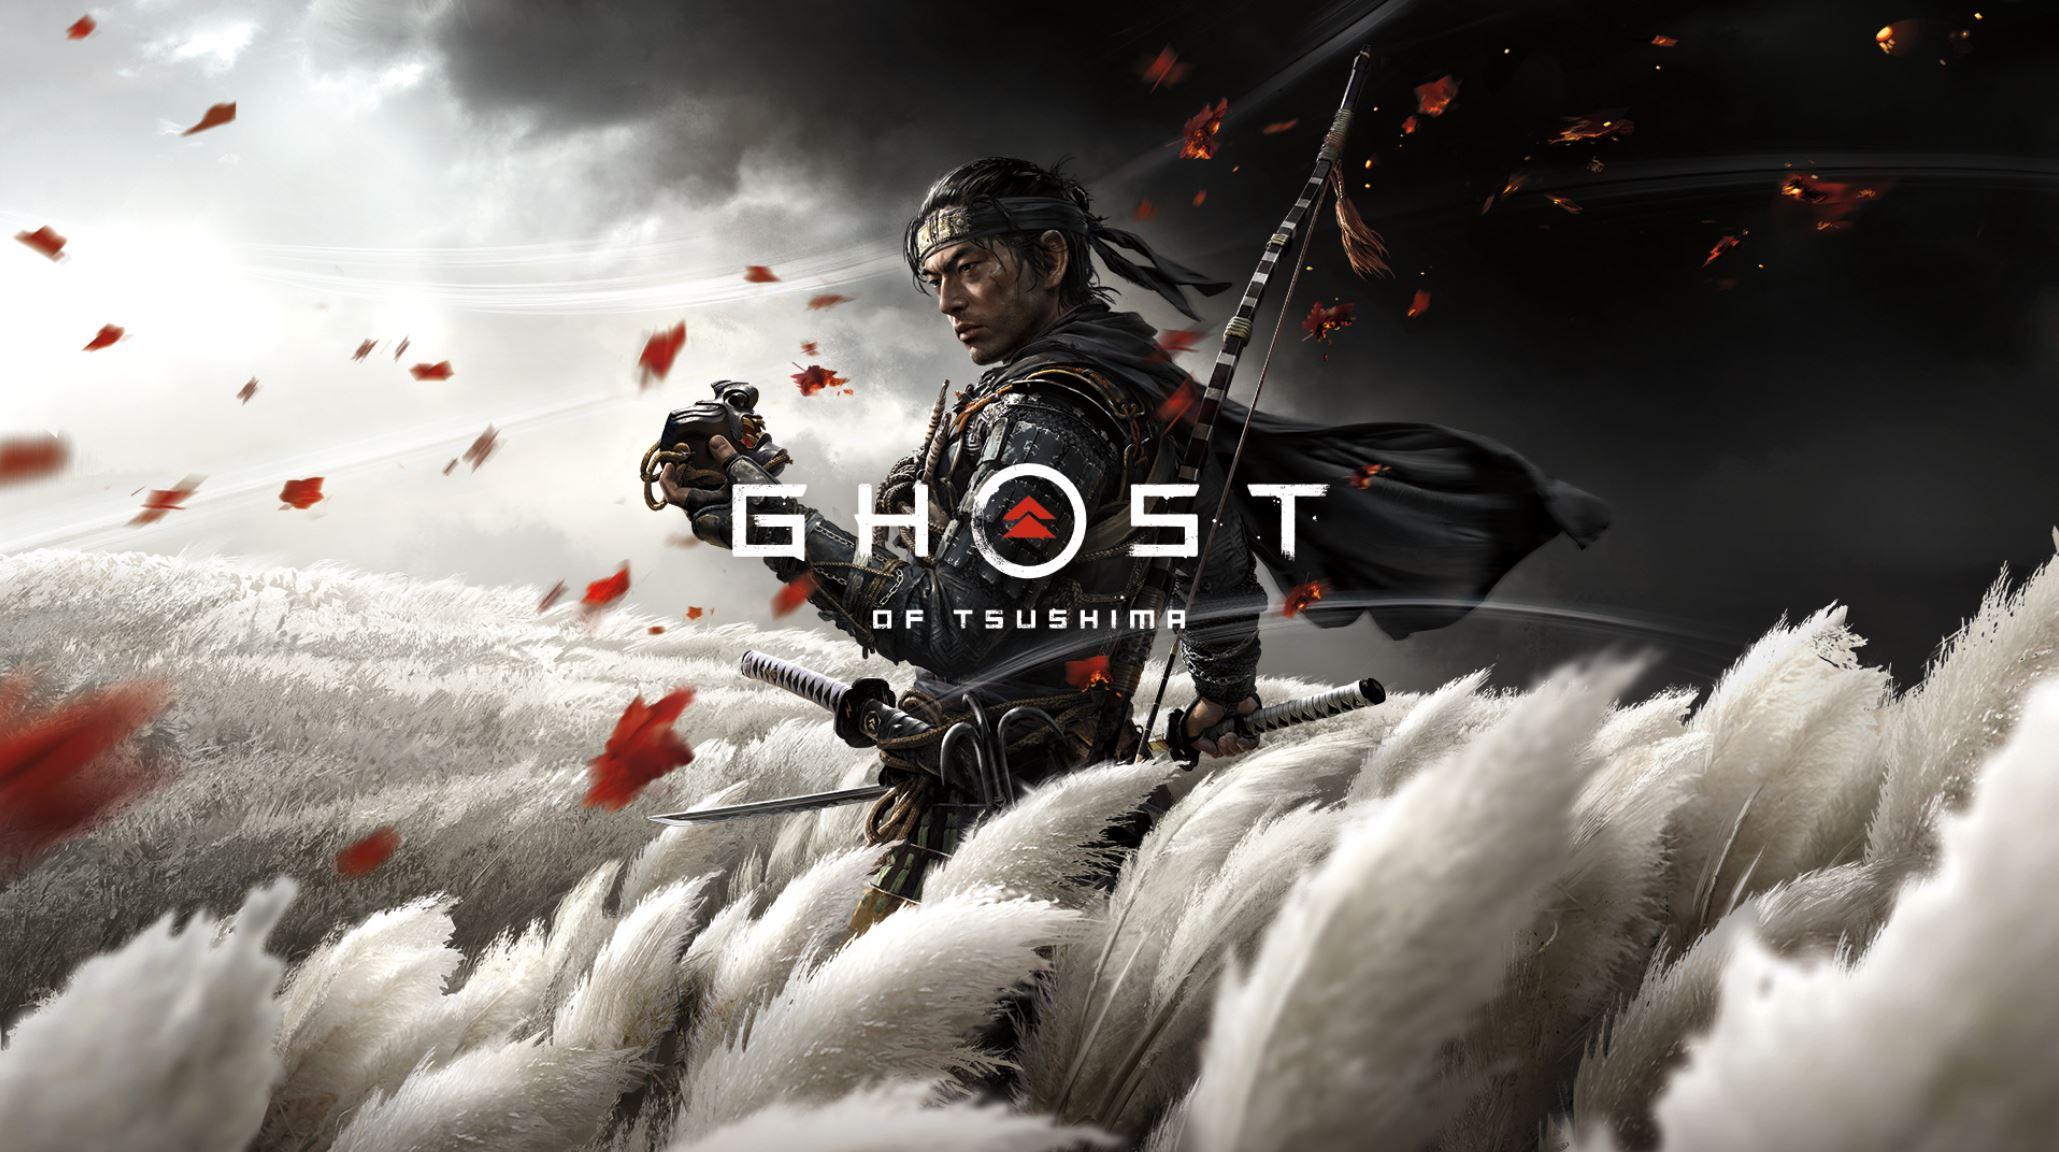 Ghost of Tsushima y Monster Hunter comparten el premio al juego del año de Japón, GamersRD